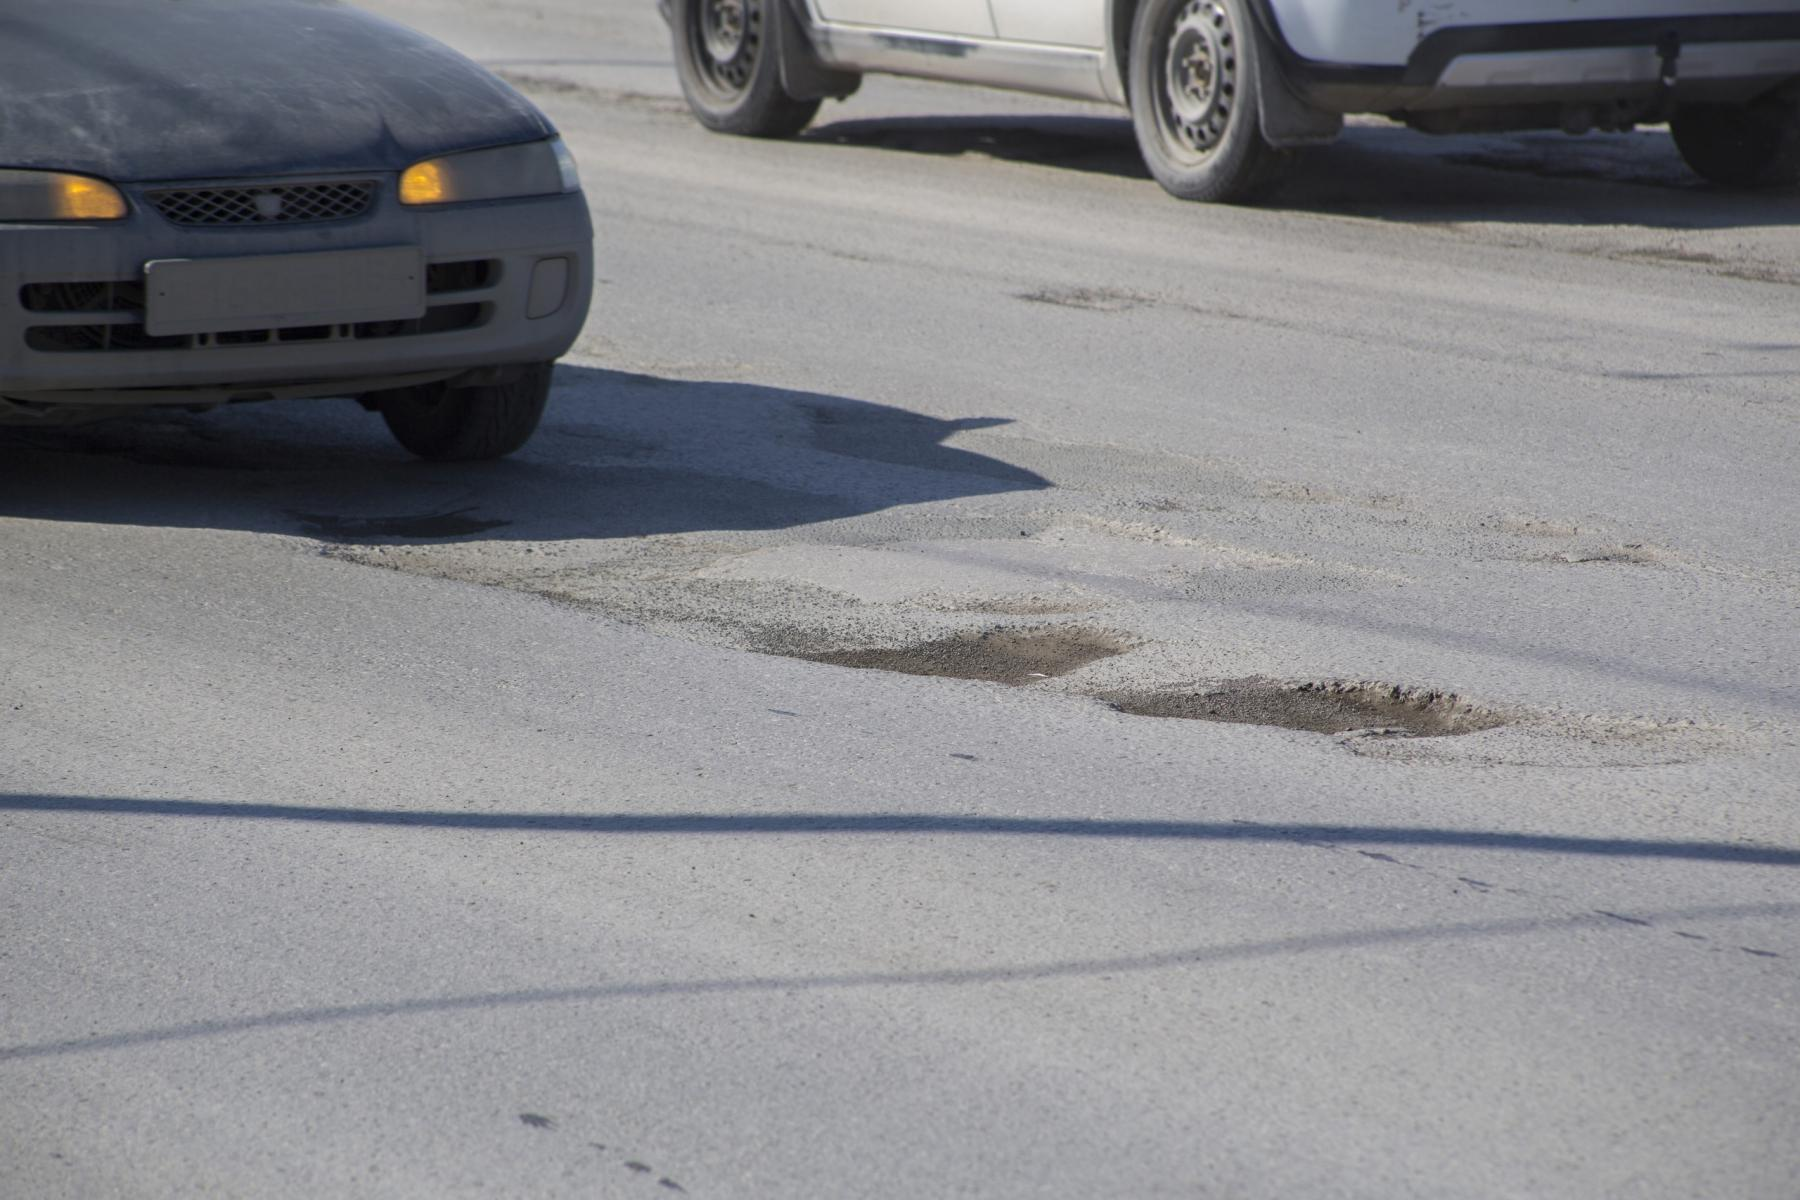 фото «Угадай, в какой луже яма»: состояние дорог в Новосибирске доводит водителей до нецензурщины 3